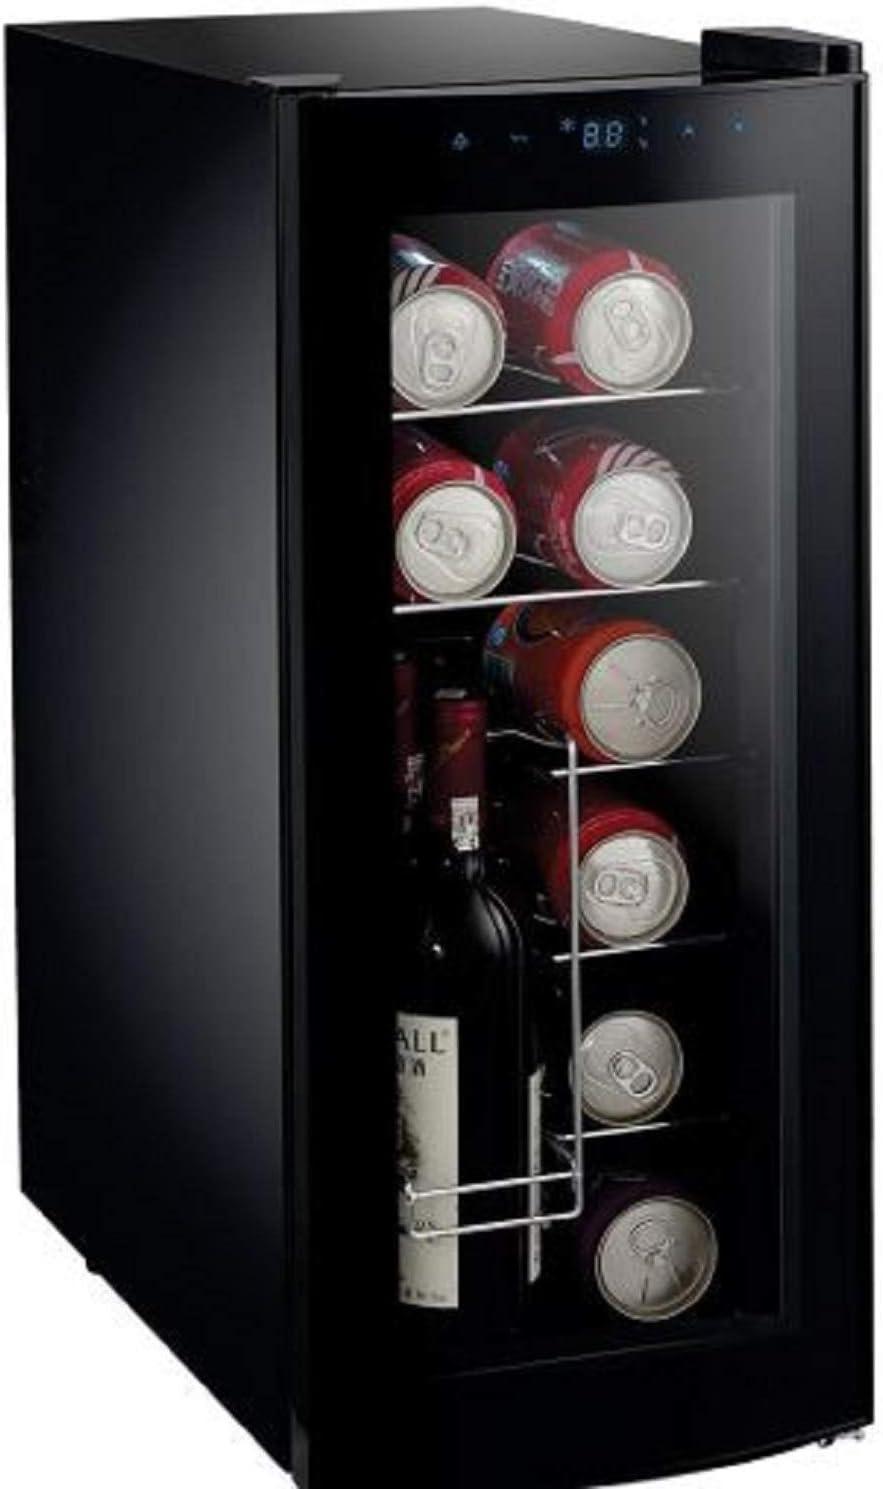 Frigidaire 12-Bottle Wine Beverage Cooler